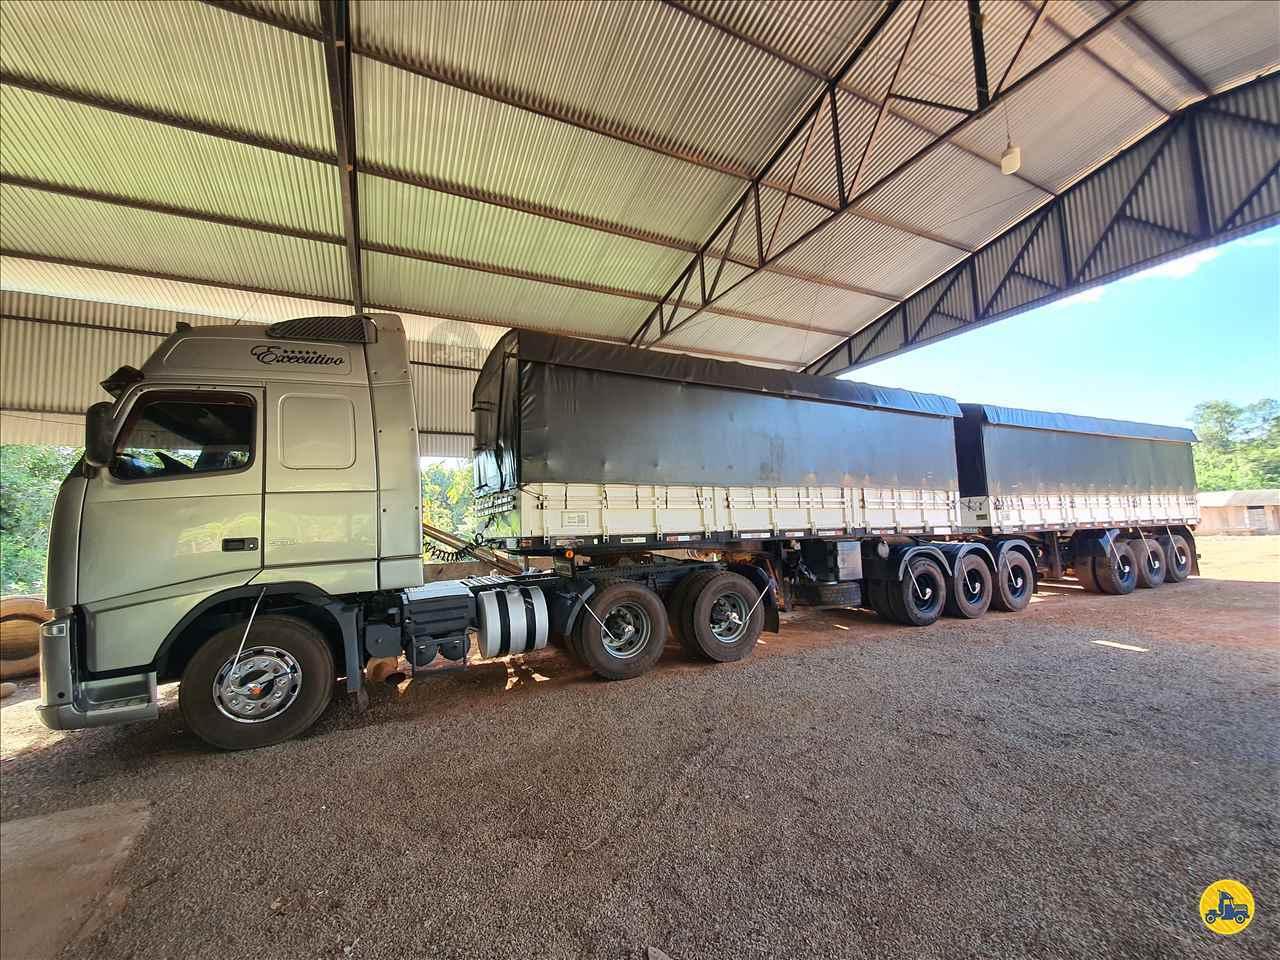 CAMINHAO VOLVO VOLVO FH 520 Cavalo Mecânico Traçado 6x4 Sorriso Caminhões SORRISO MATO GROSSO MT